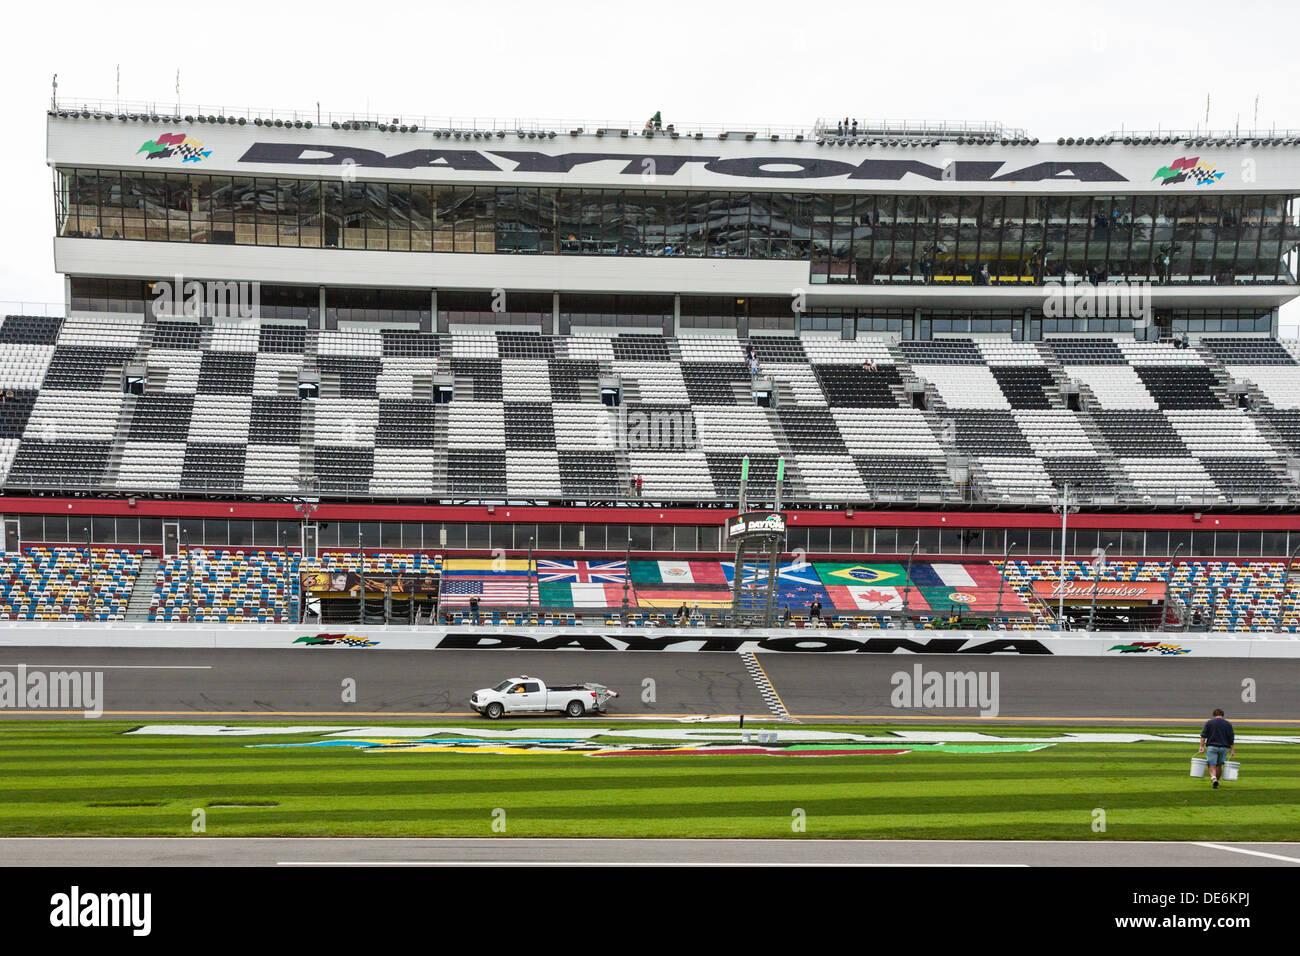 Banderas internacionales en tribunas en Daytona International Speedway durante el 2012 Rolex 24 en Daytona, Florida Imagen De Stock